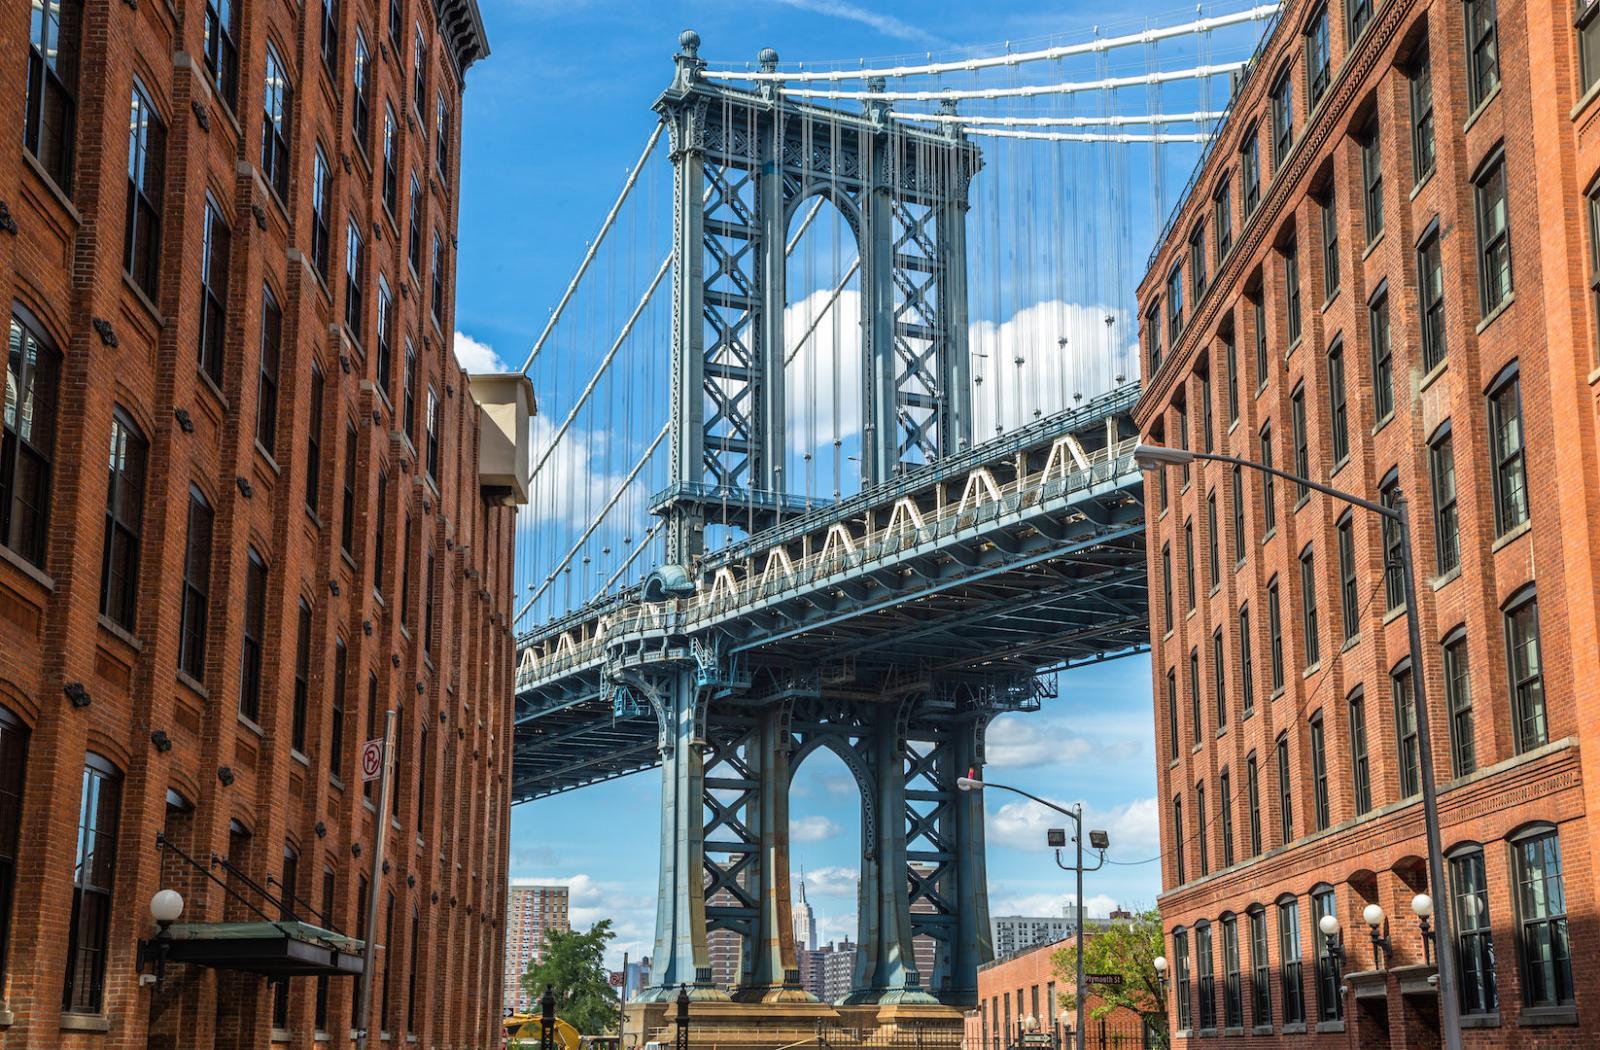 Washington Street in Dumbo / Brooklyn